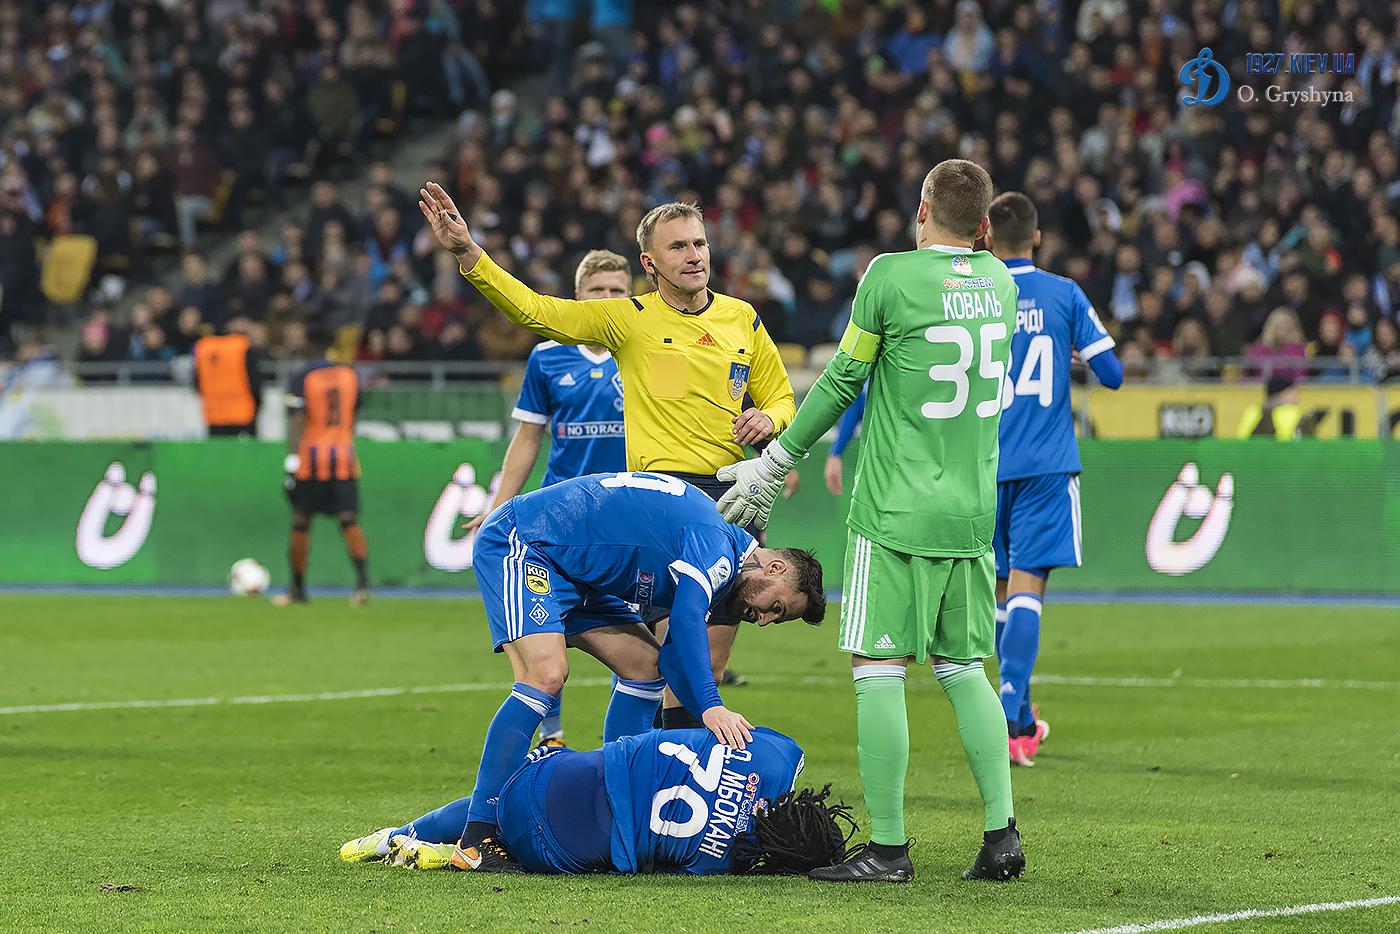 52fdbba85b08b3 Авторитетні українські футбольні фахівці вважають, що матч лідерів в  Харкові вирішить долю чемпіонату.